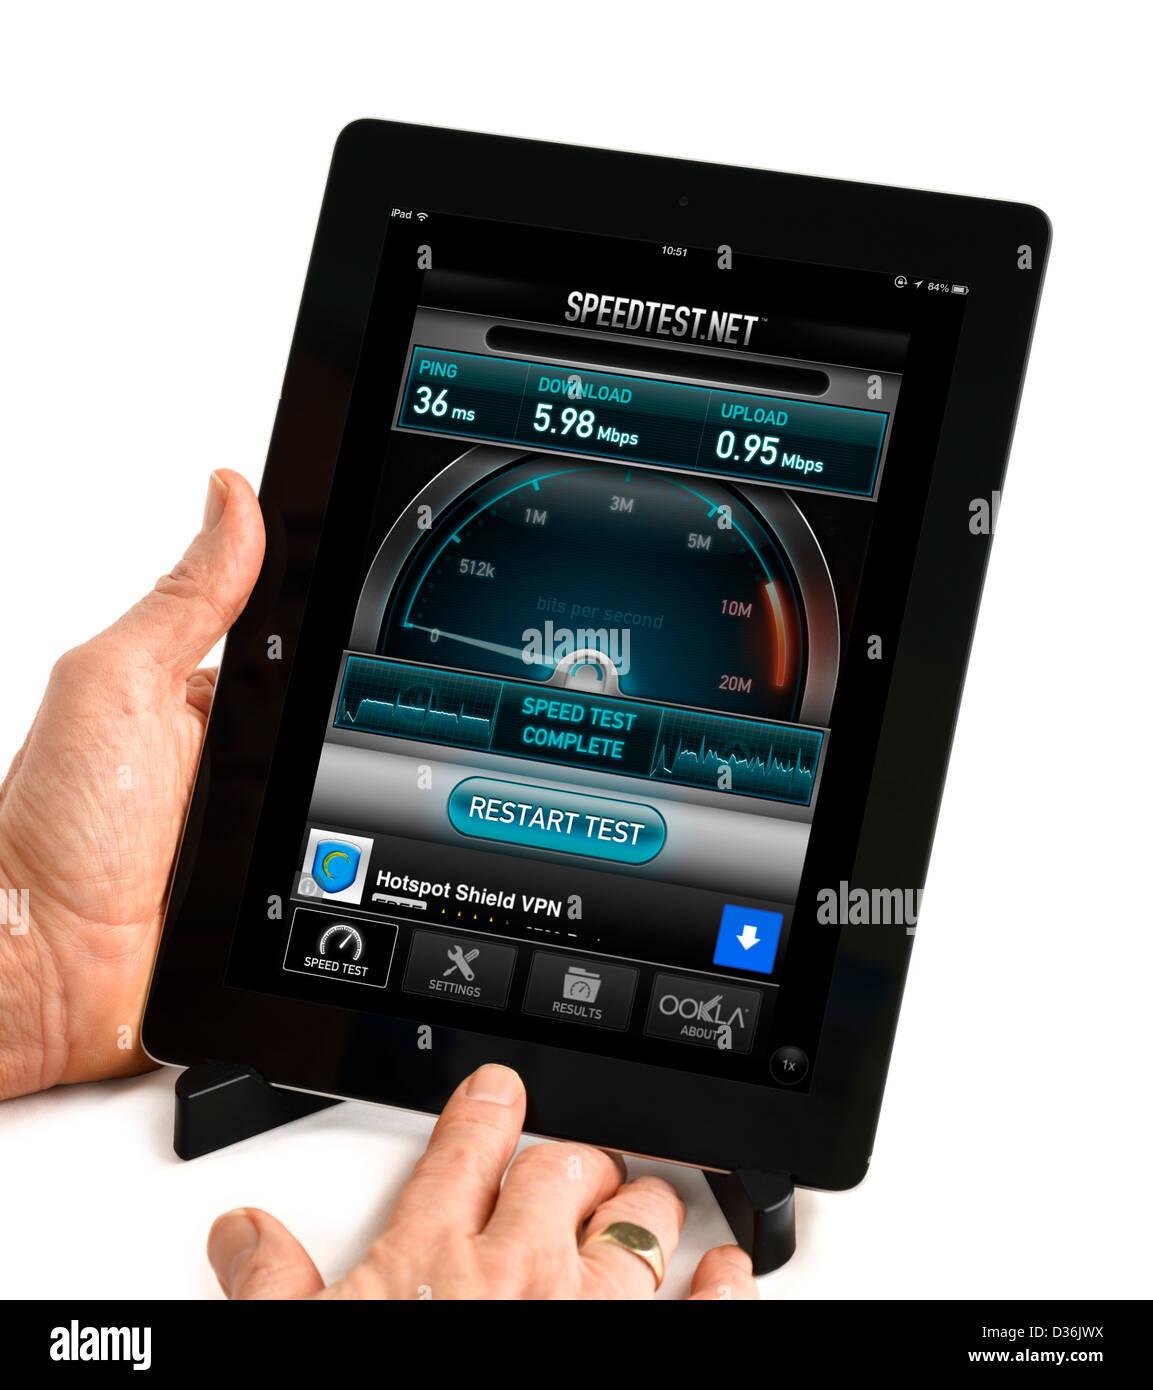 En utilisant le test de vitesse à large bande Speedtest.net app sur un Apple iPad 4e génération Photo Stock